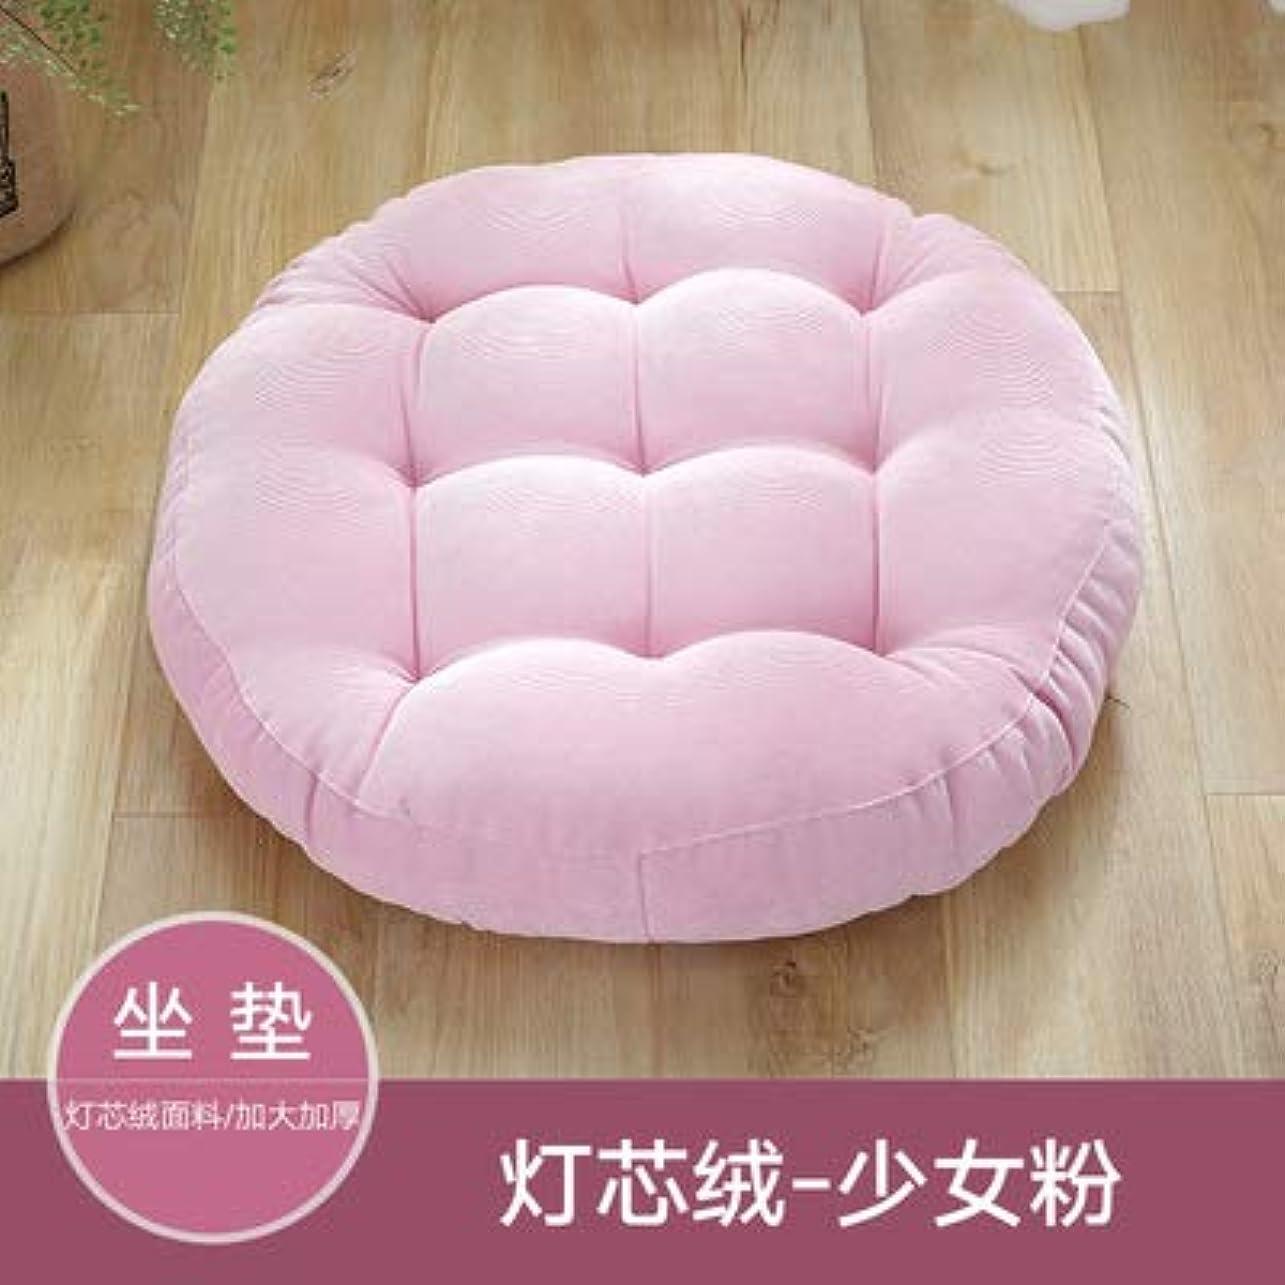 入学する海外マリンLIFE ラウンド厚い椅子のクッションフロアマットレスシートパッドソフトホームオフィスチェアクッションマットソフトスロー枕最高品質の床クッション クッション 椅子